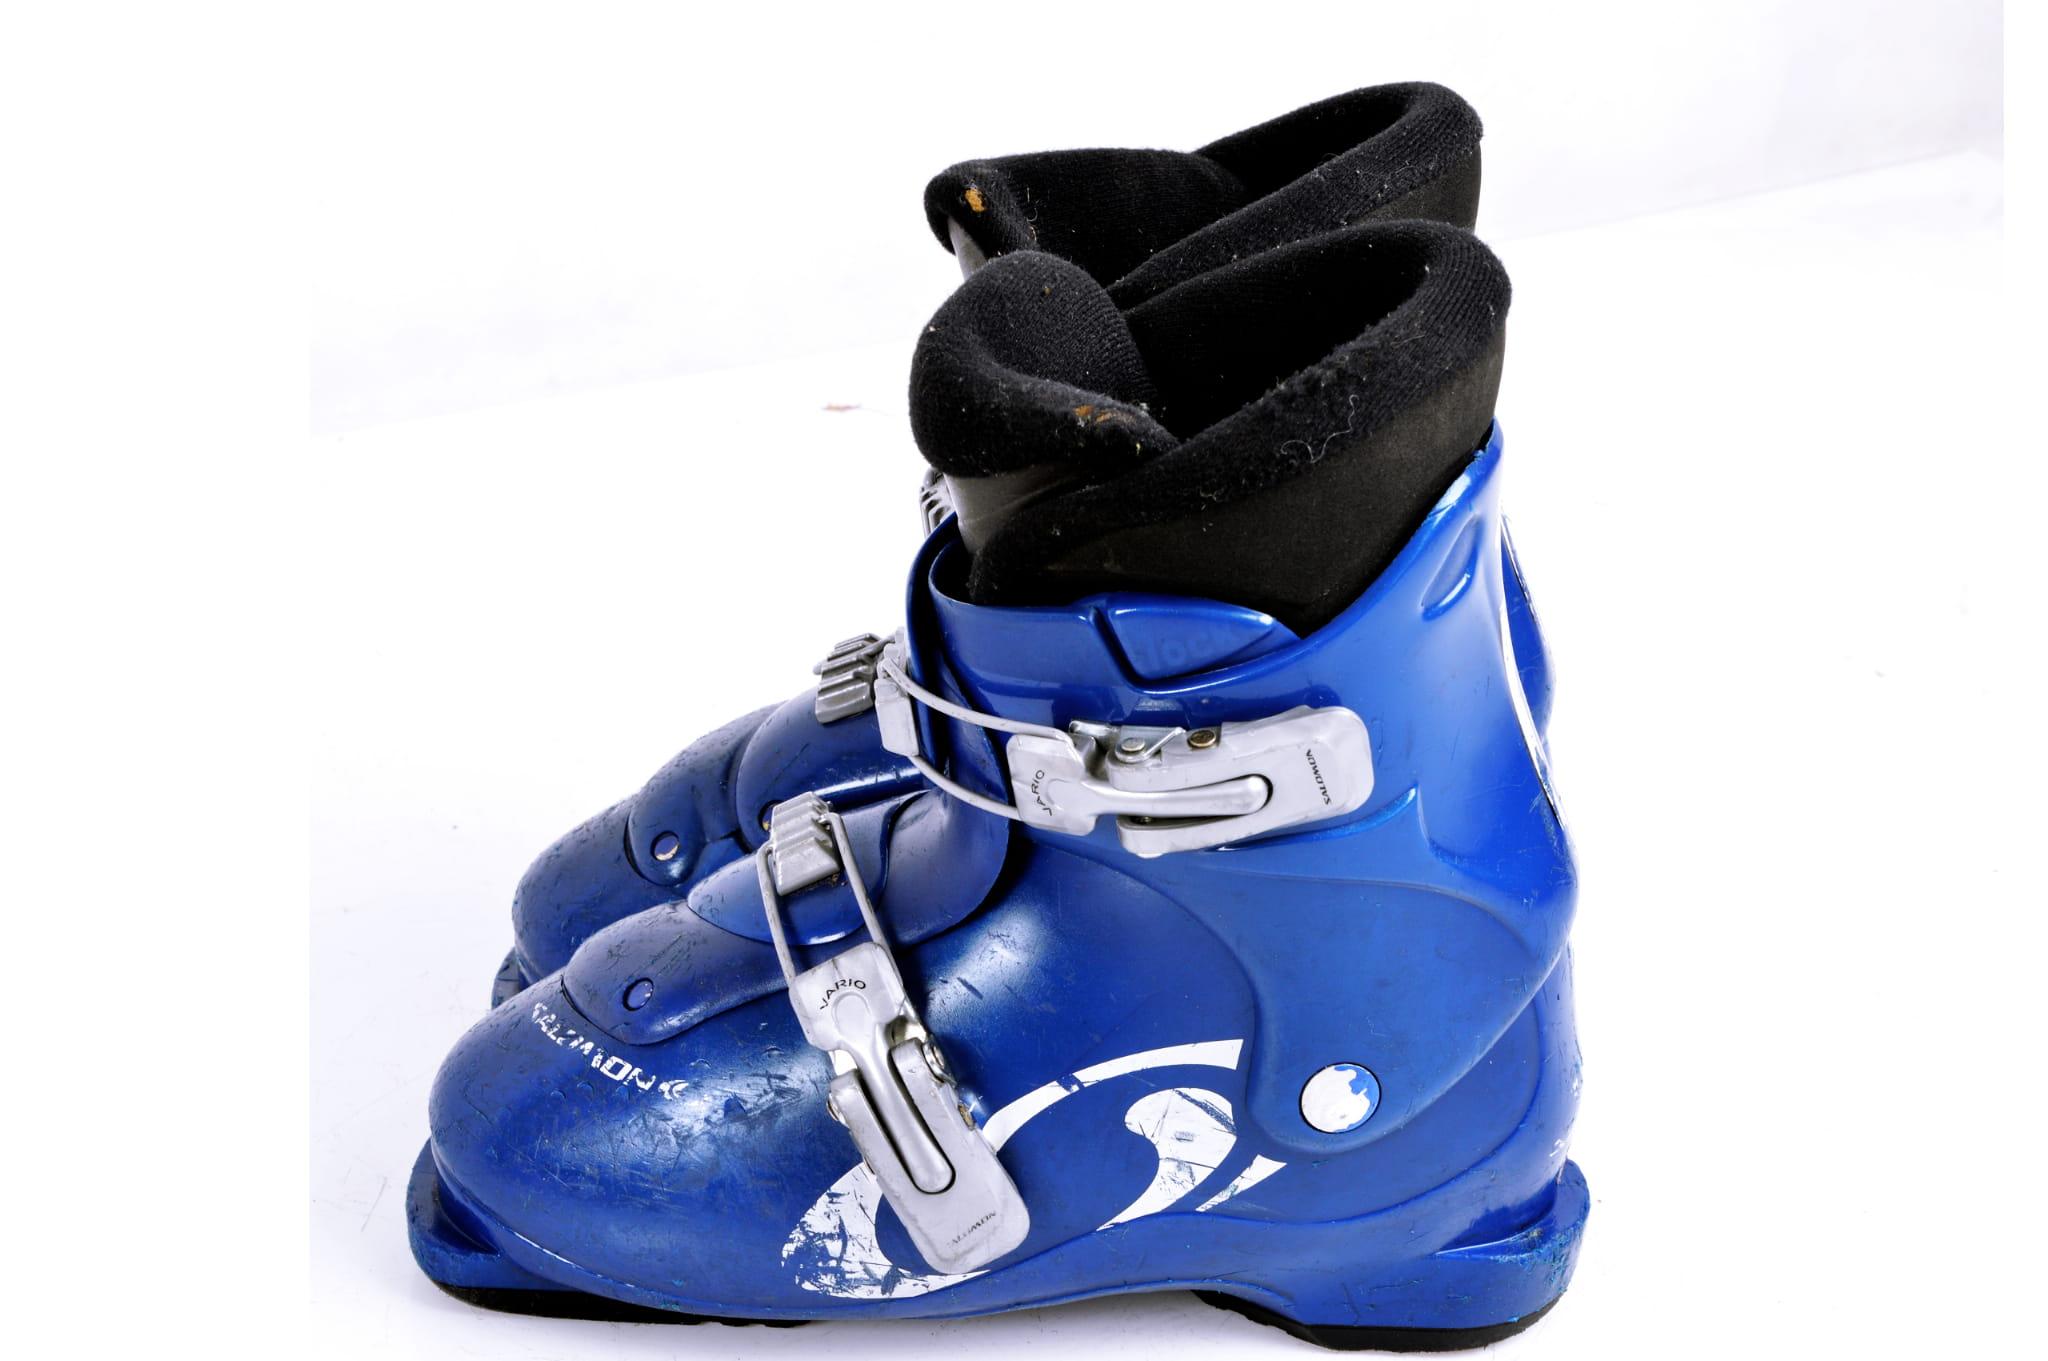 Buty narciarskie Salomon Performa T2